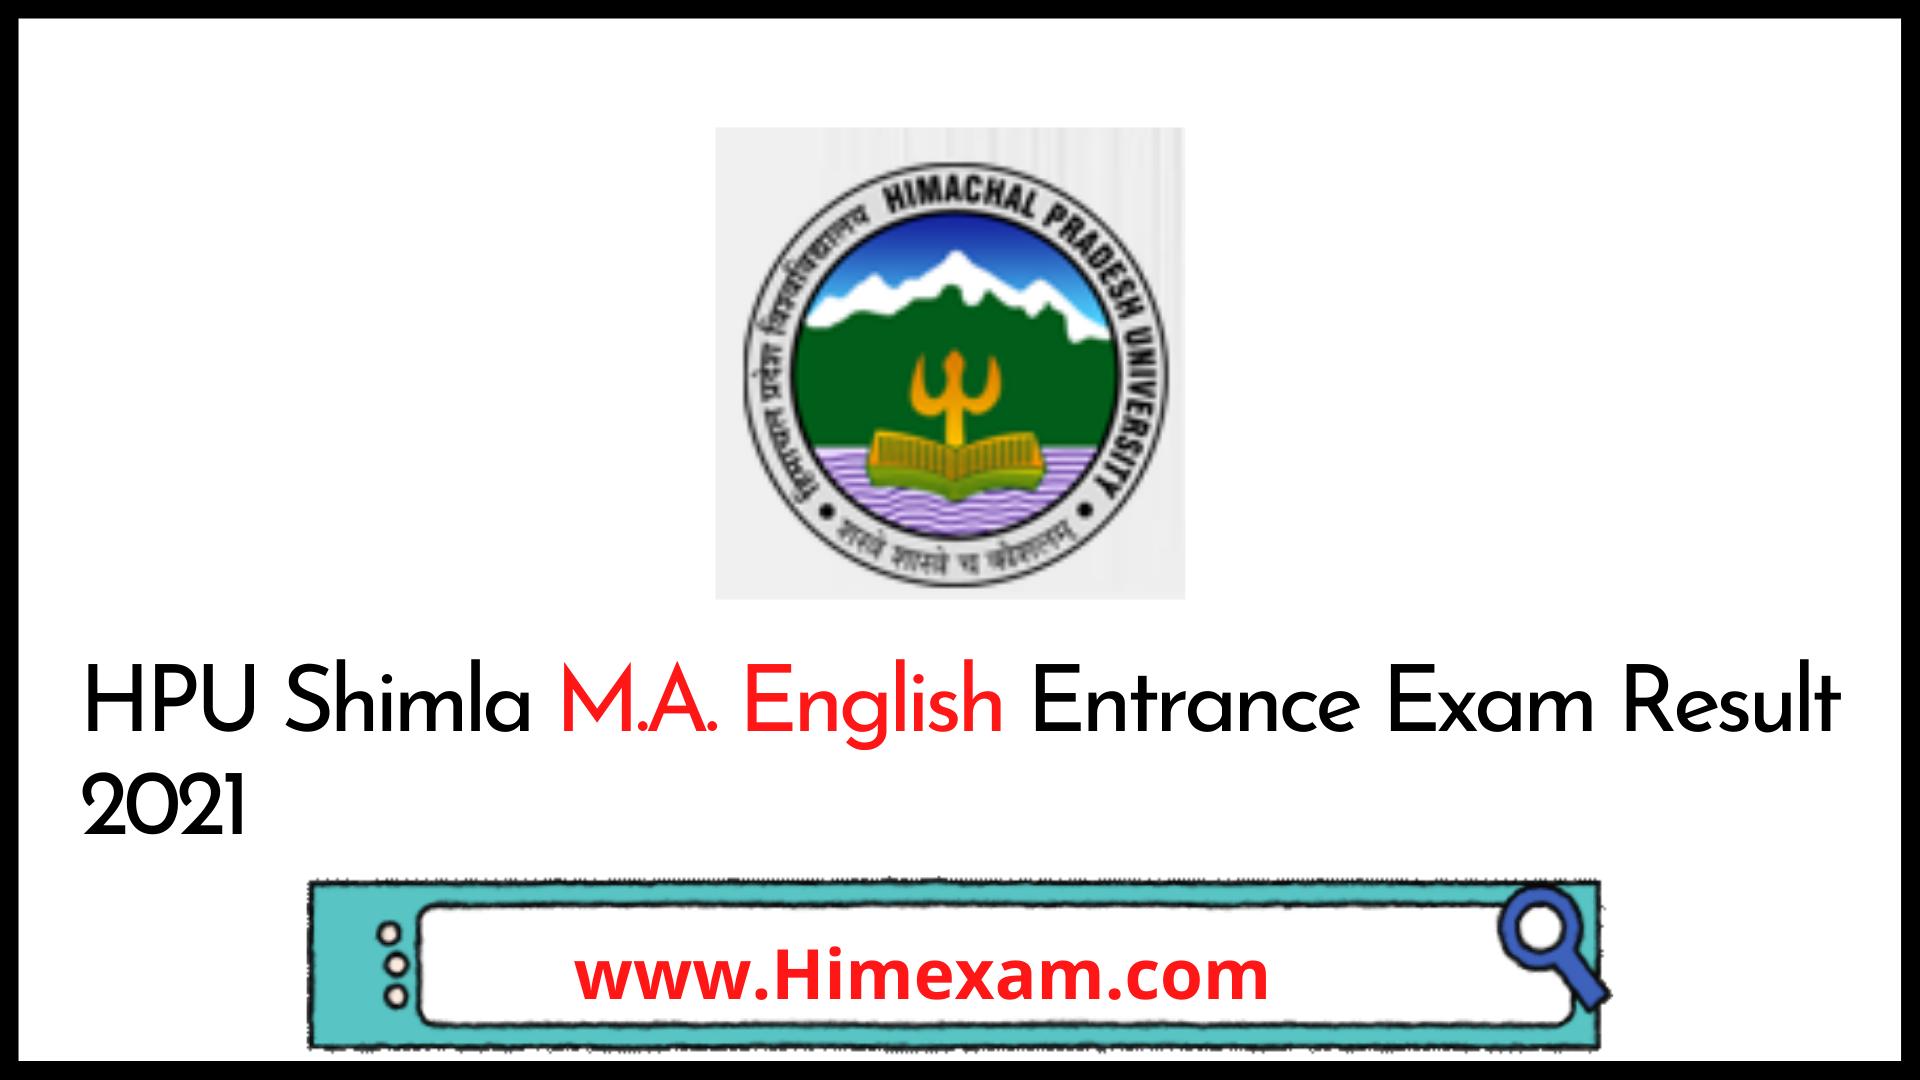 HPU Shimla M.A English Entrance Exam Result 2021